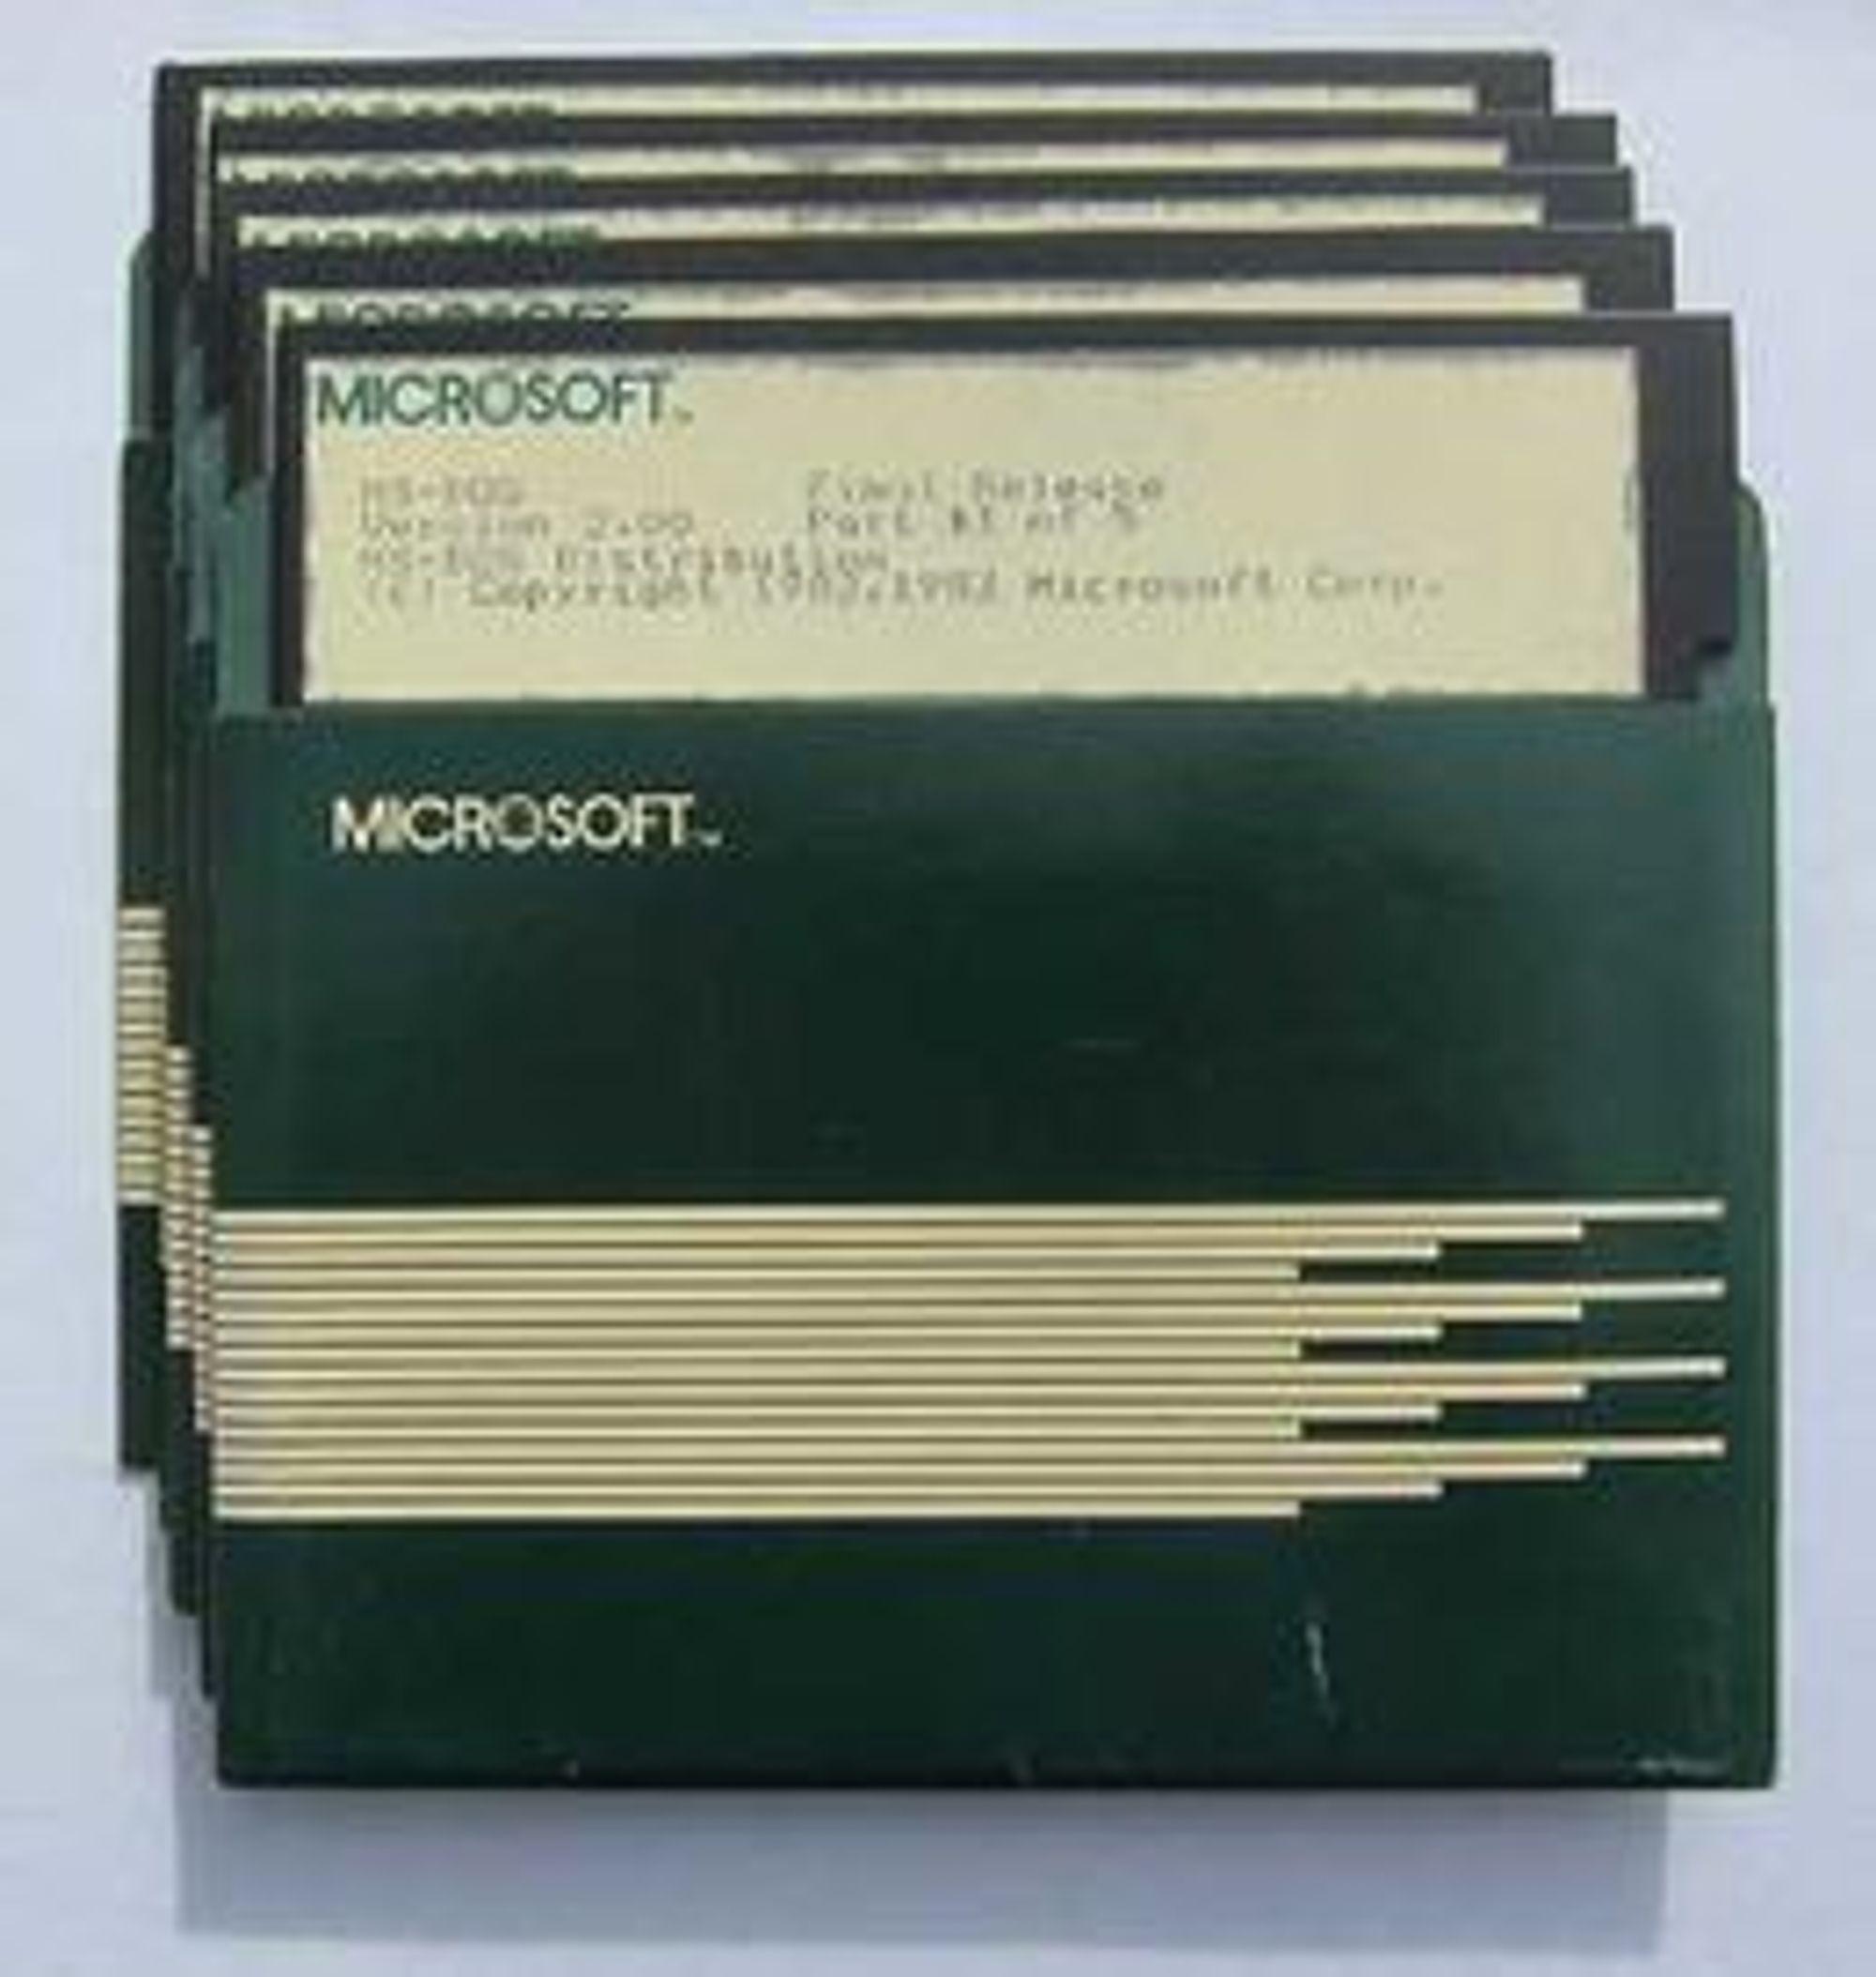 Floppy! En gang et viktig lagringsmedium. I dag er det vel stort sett bare i helsevesenet at disketter fortsatt blir brukt...